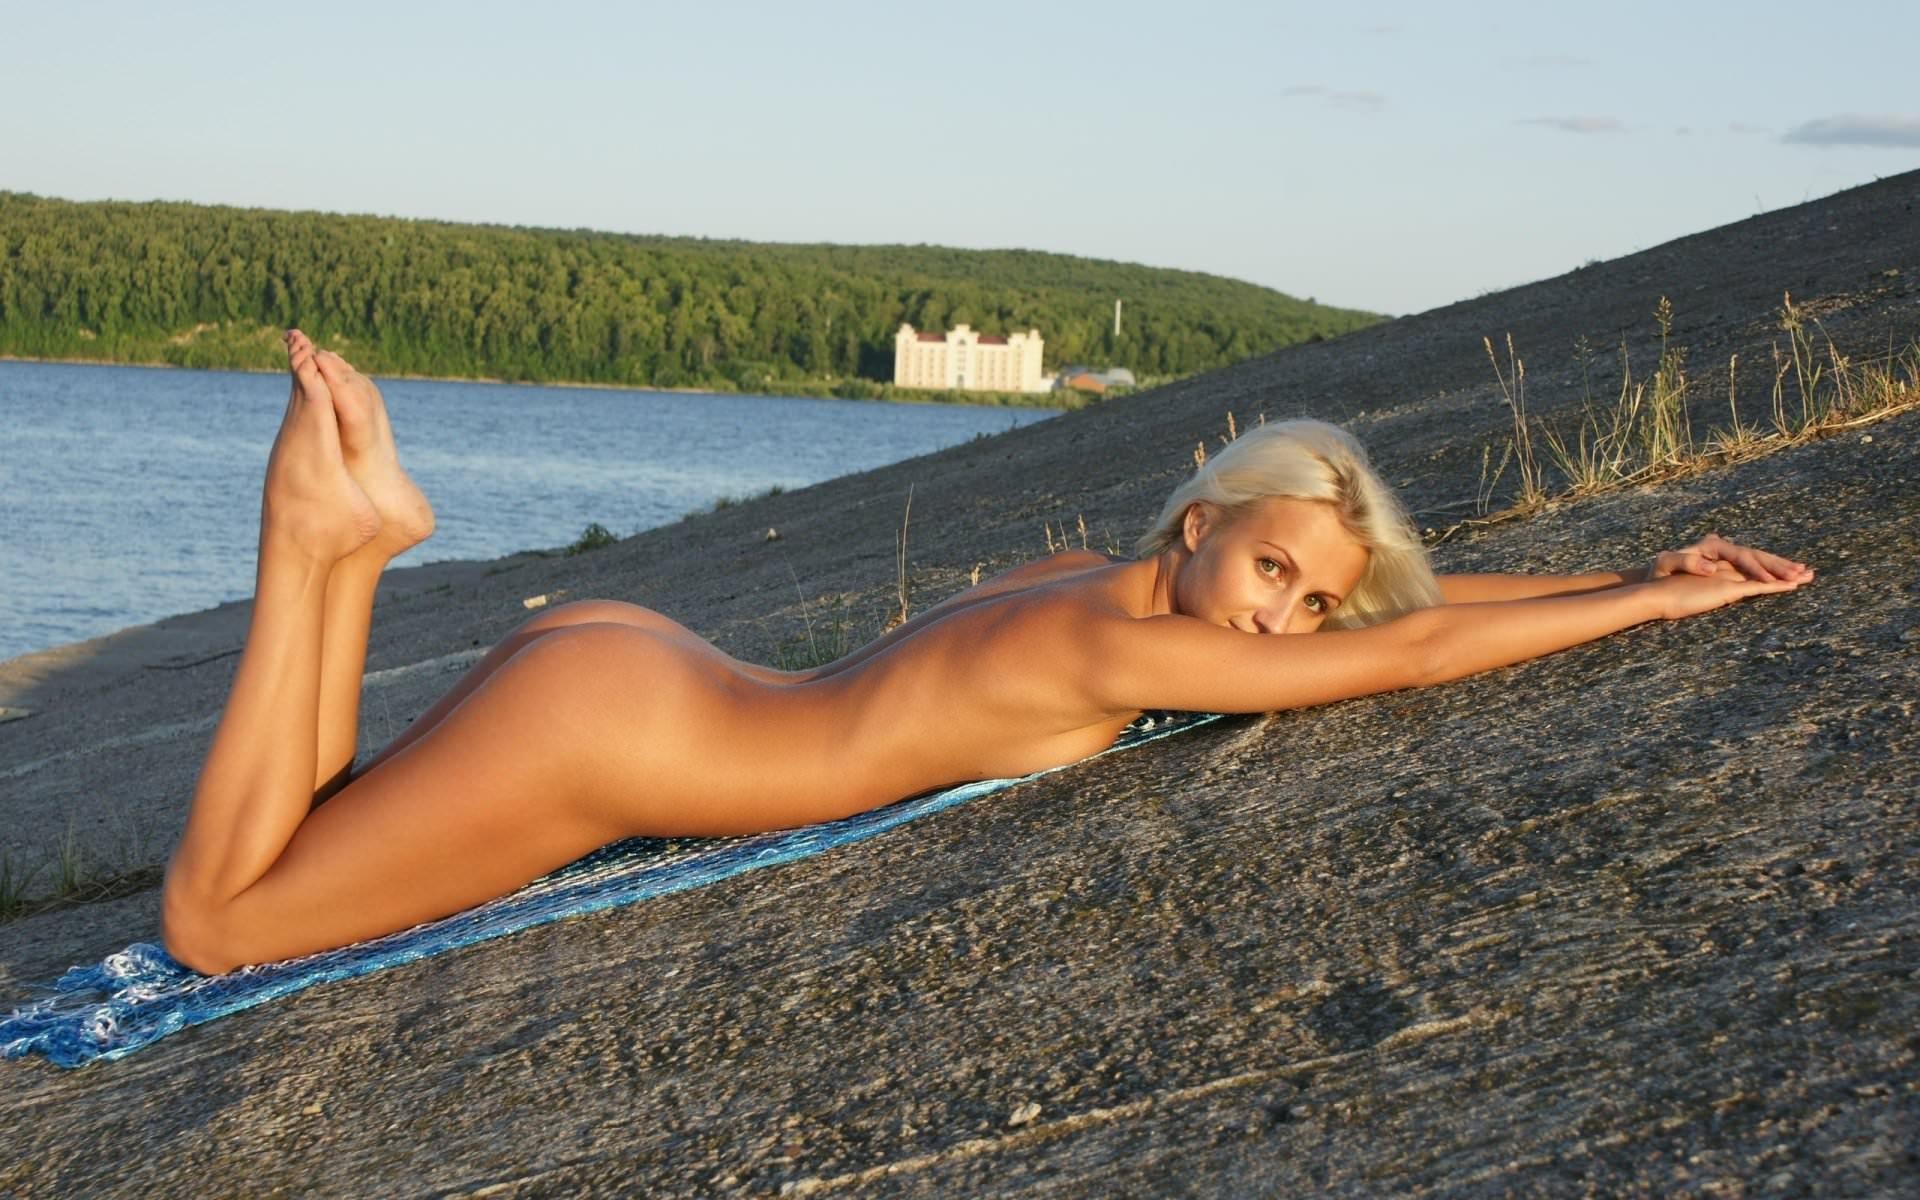 Фото Обнаженная сексуальная блондинка мило лежит у озера на склоне на животике, загорелое сексуальное тело. Naked blonde, outdoors, sexy, tanned body, perfect body, lake, скачать картинку бесплатно